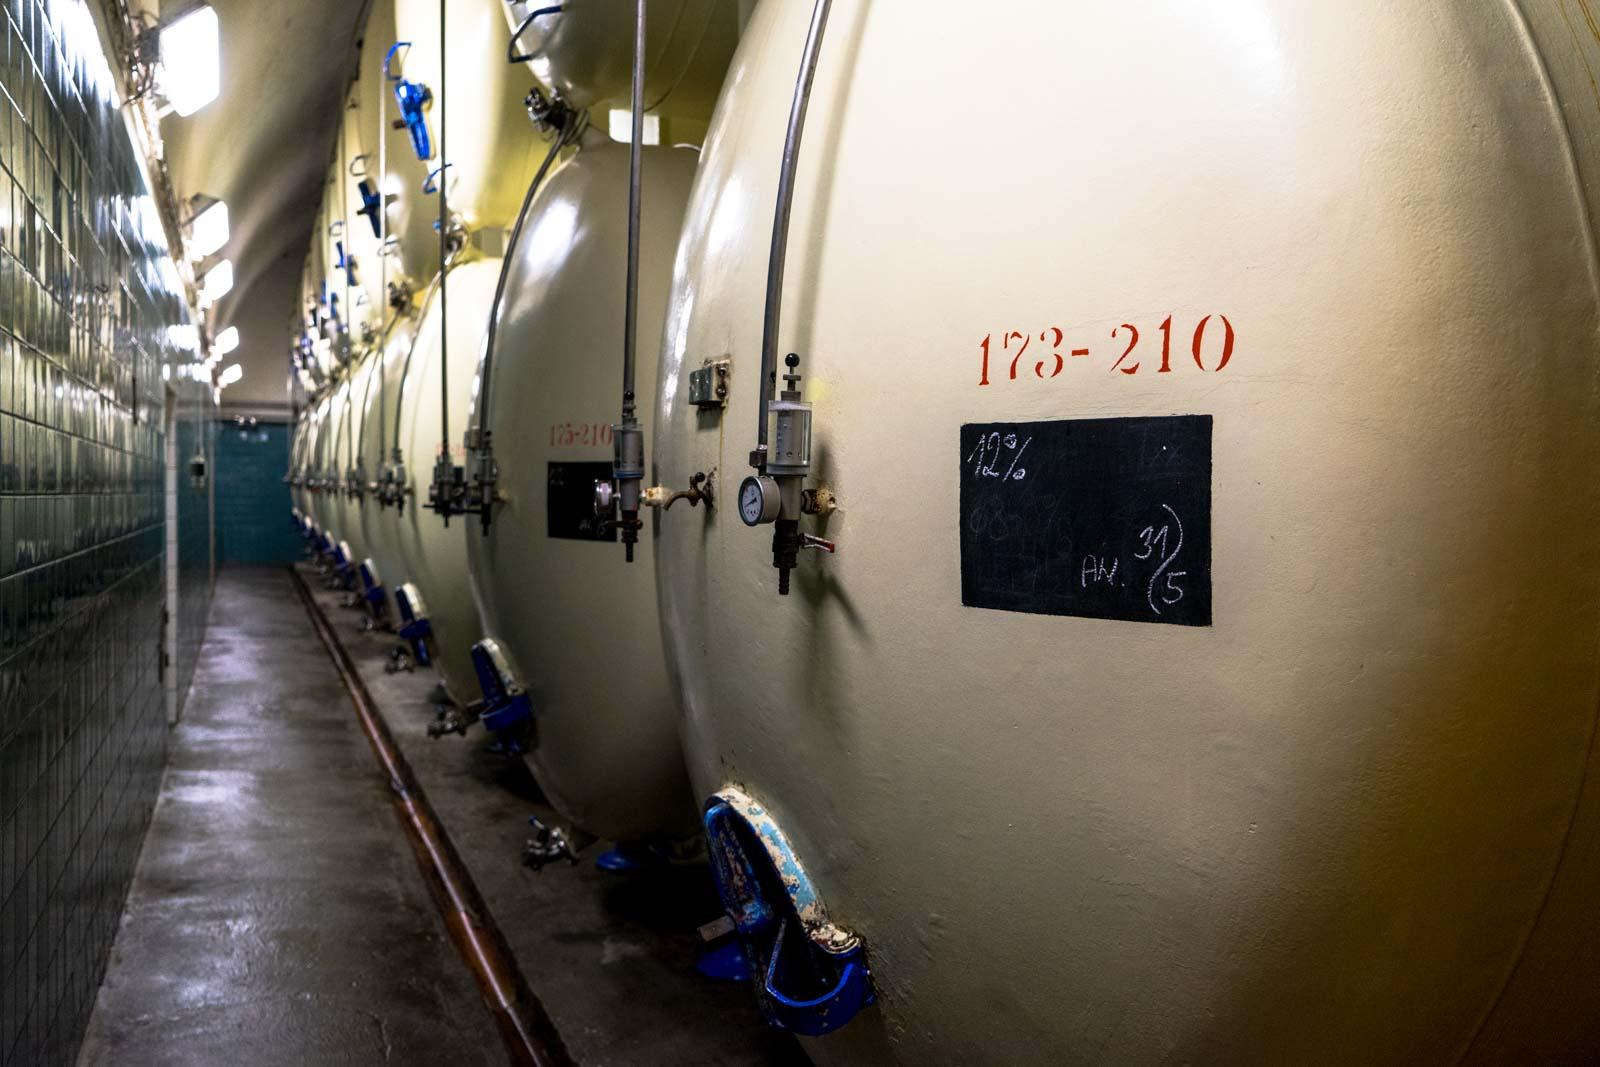 Budweiser brewery tour, Ceske Budejovice, Czech Republic